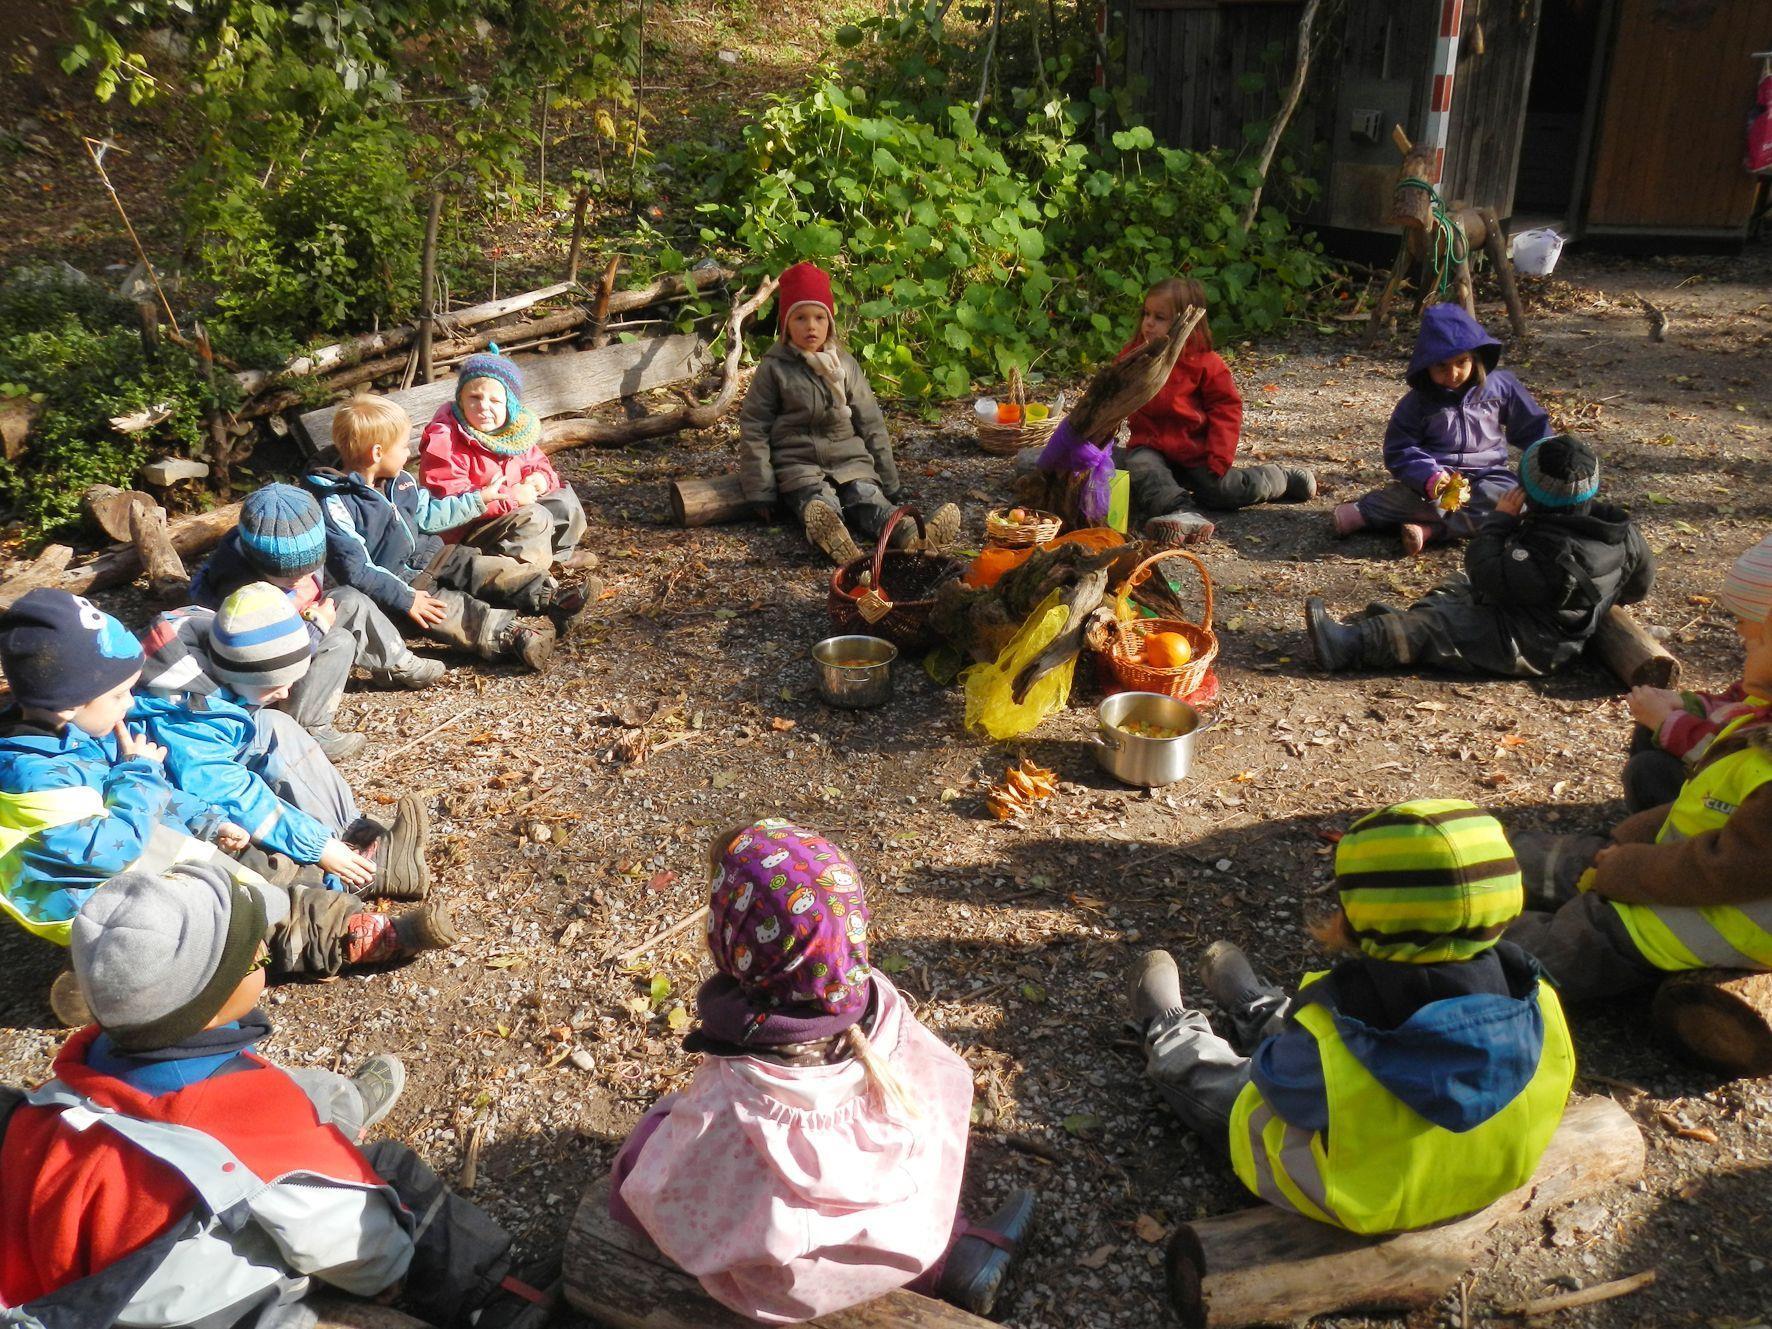 Die Zubereitung der Gemüsesuppe machte den Kindern sehr viel Spaß.